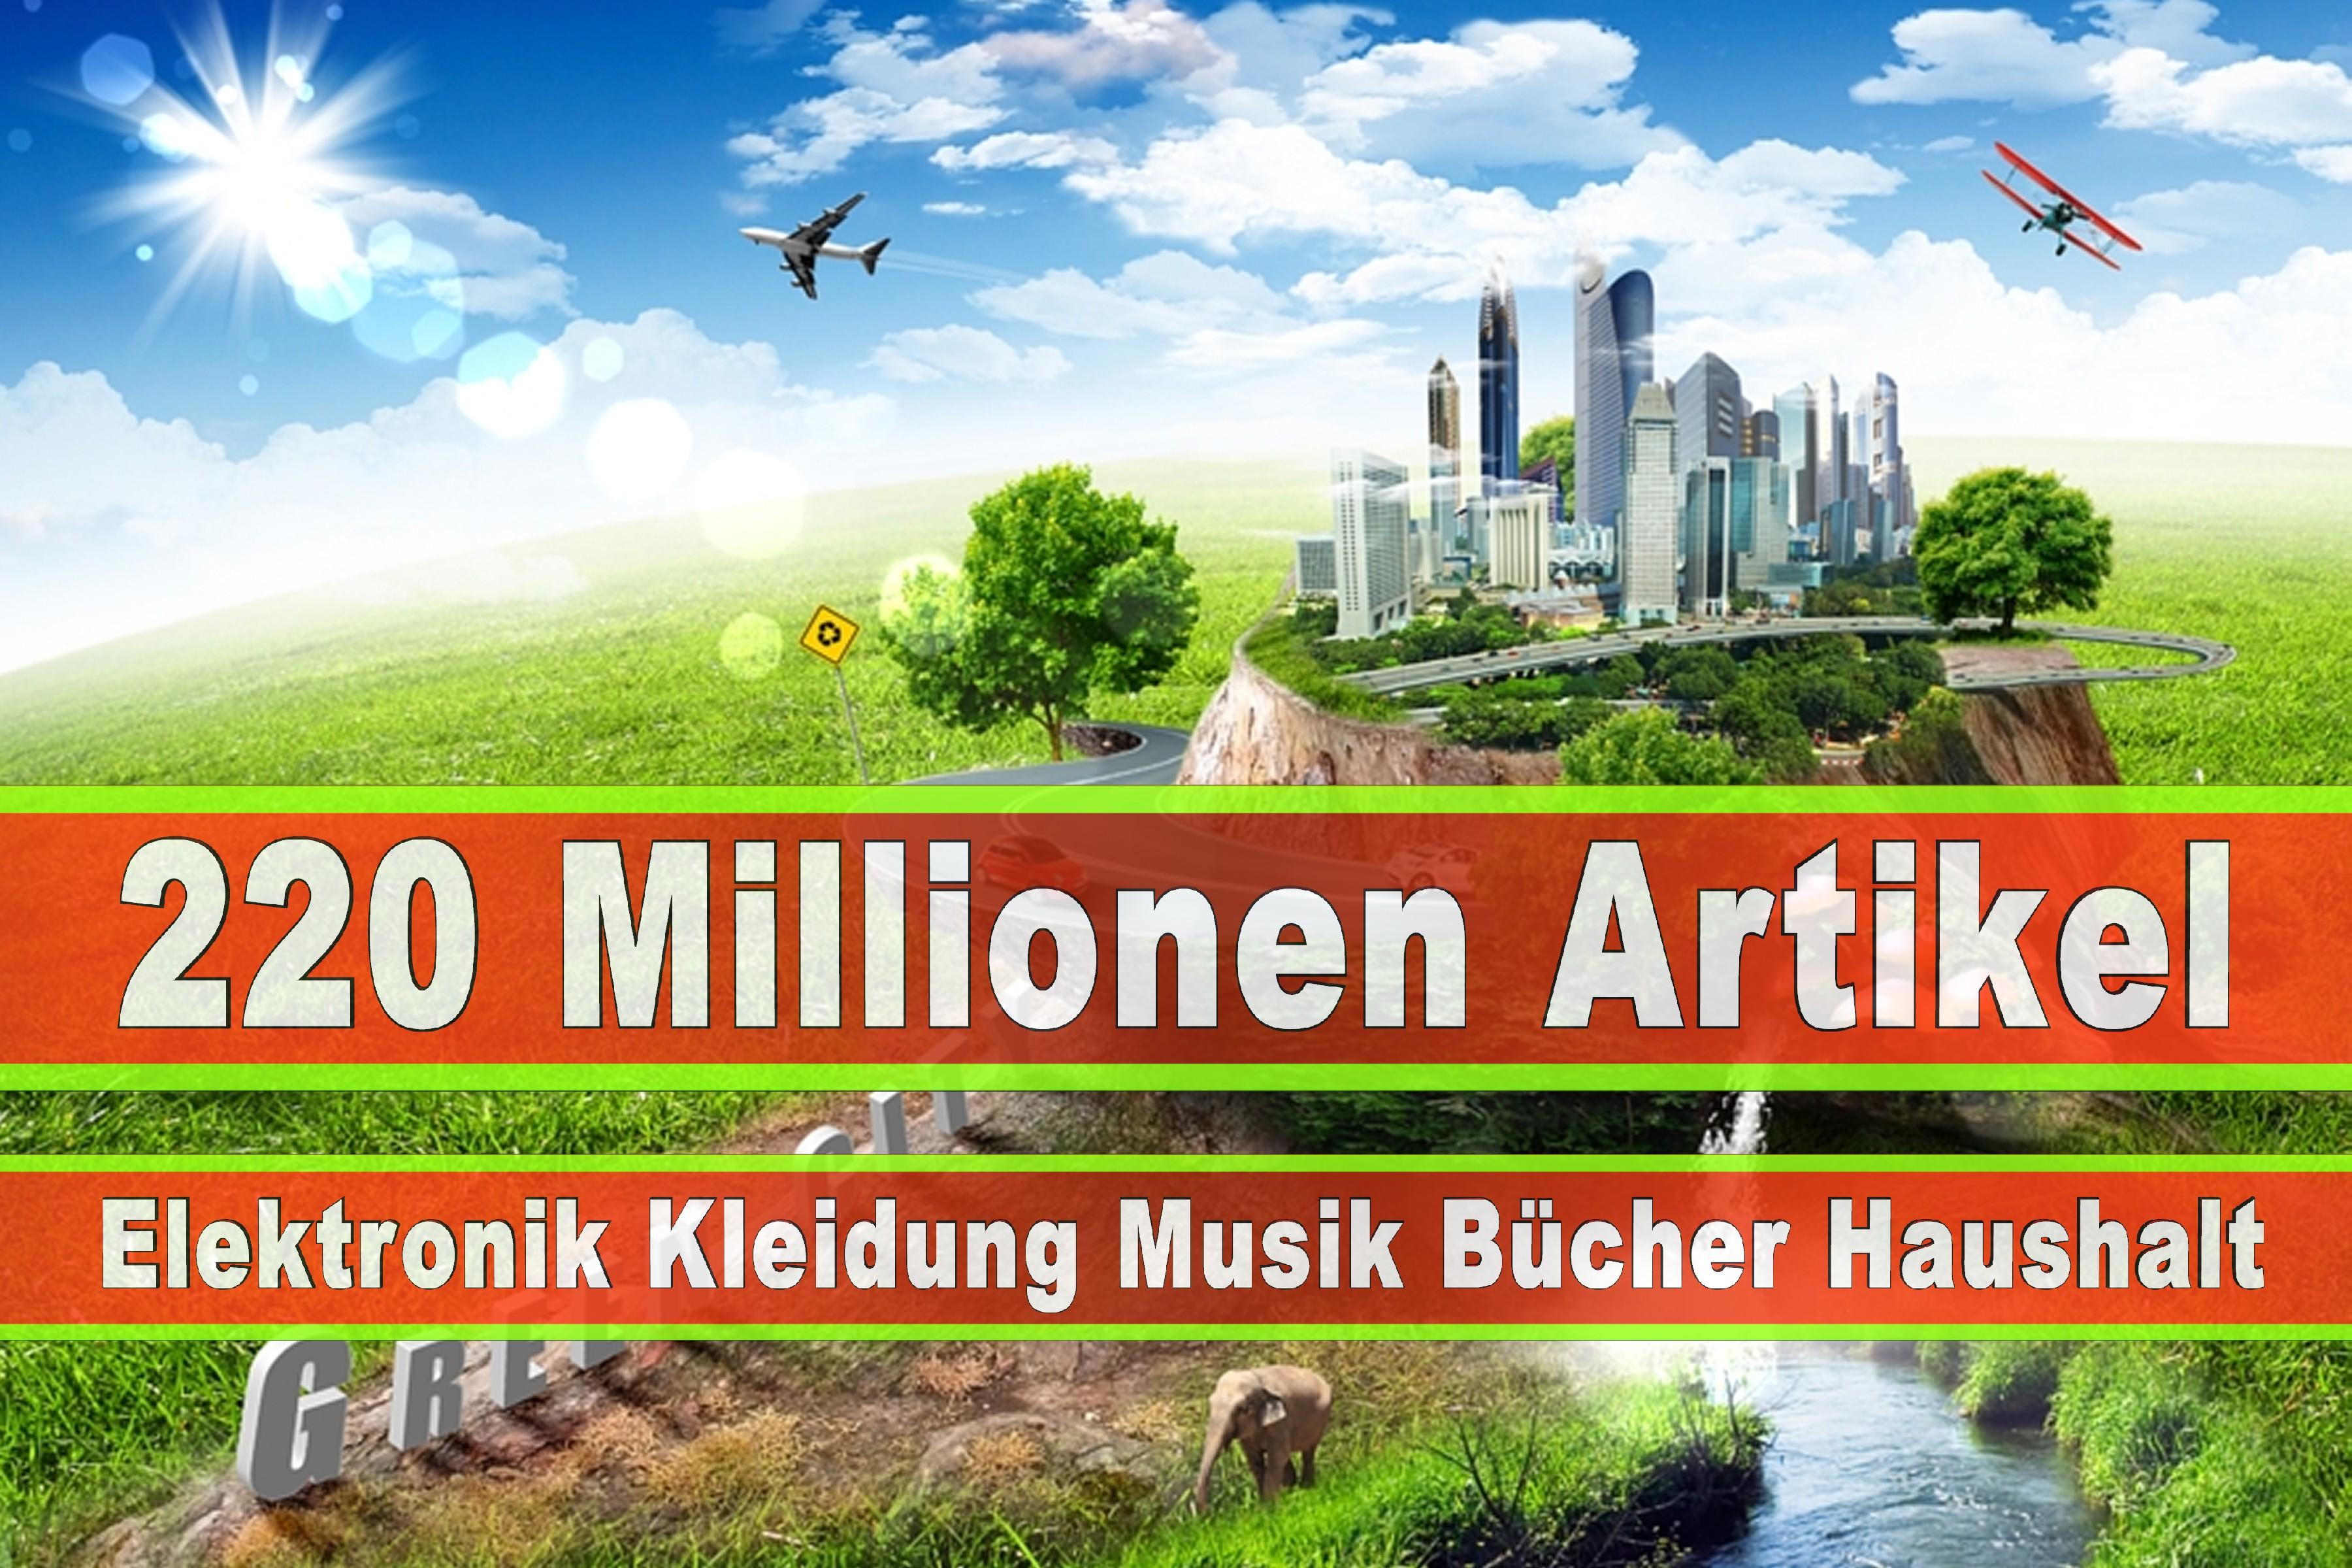 Amazon Elektronik Musik Haushalt Bücher CD DVD Handys Smartphones TV Television Fernseher Kleidung Mode Ebay Versandhaus (236)